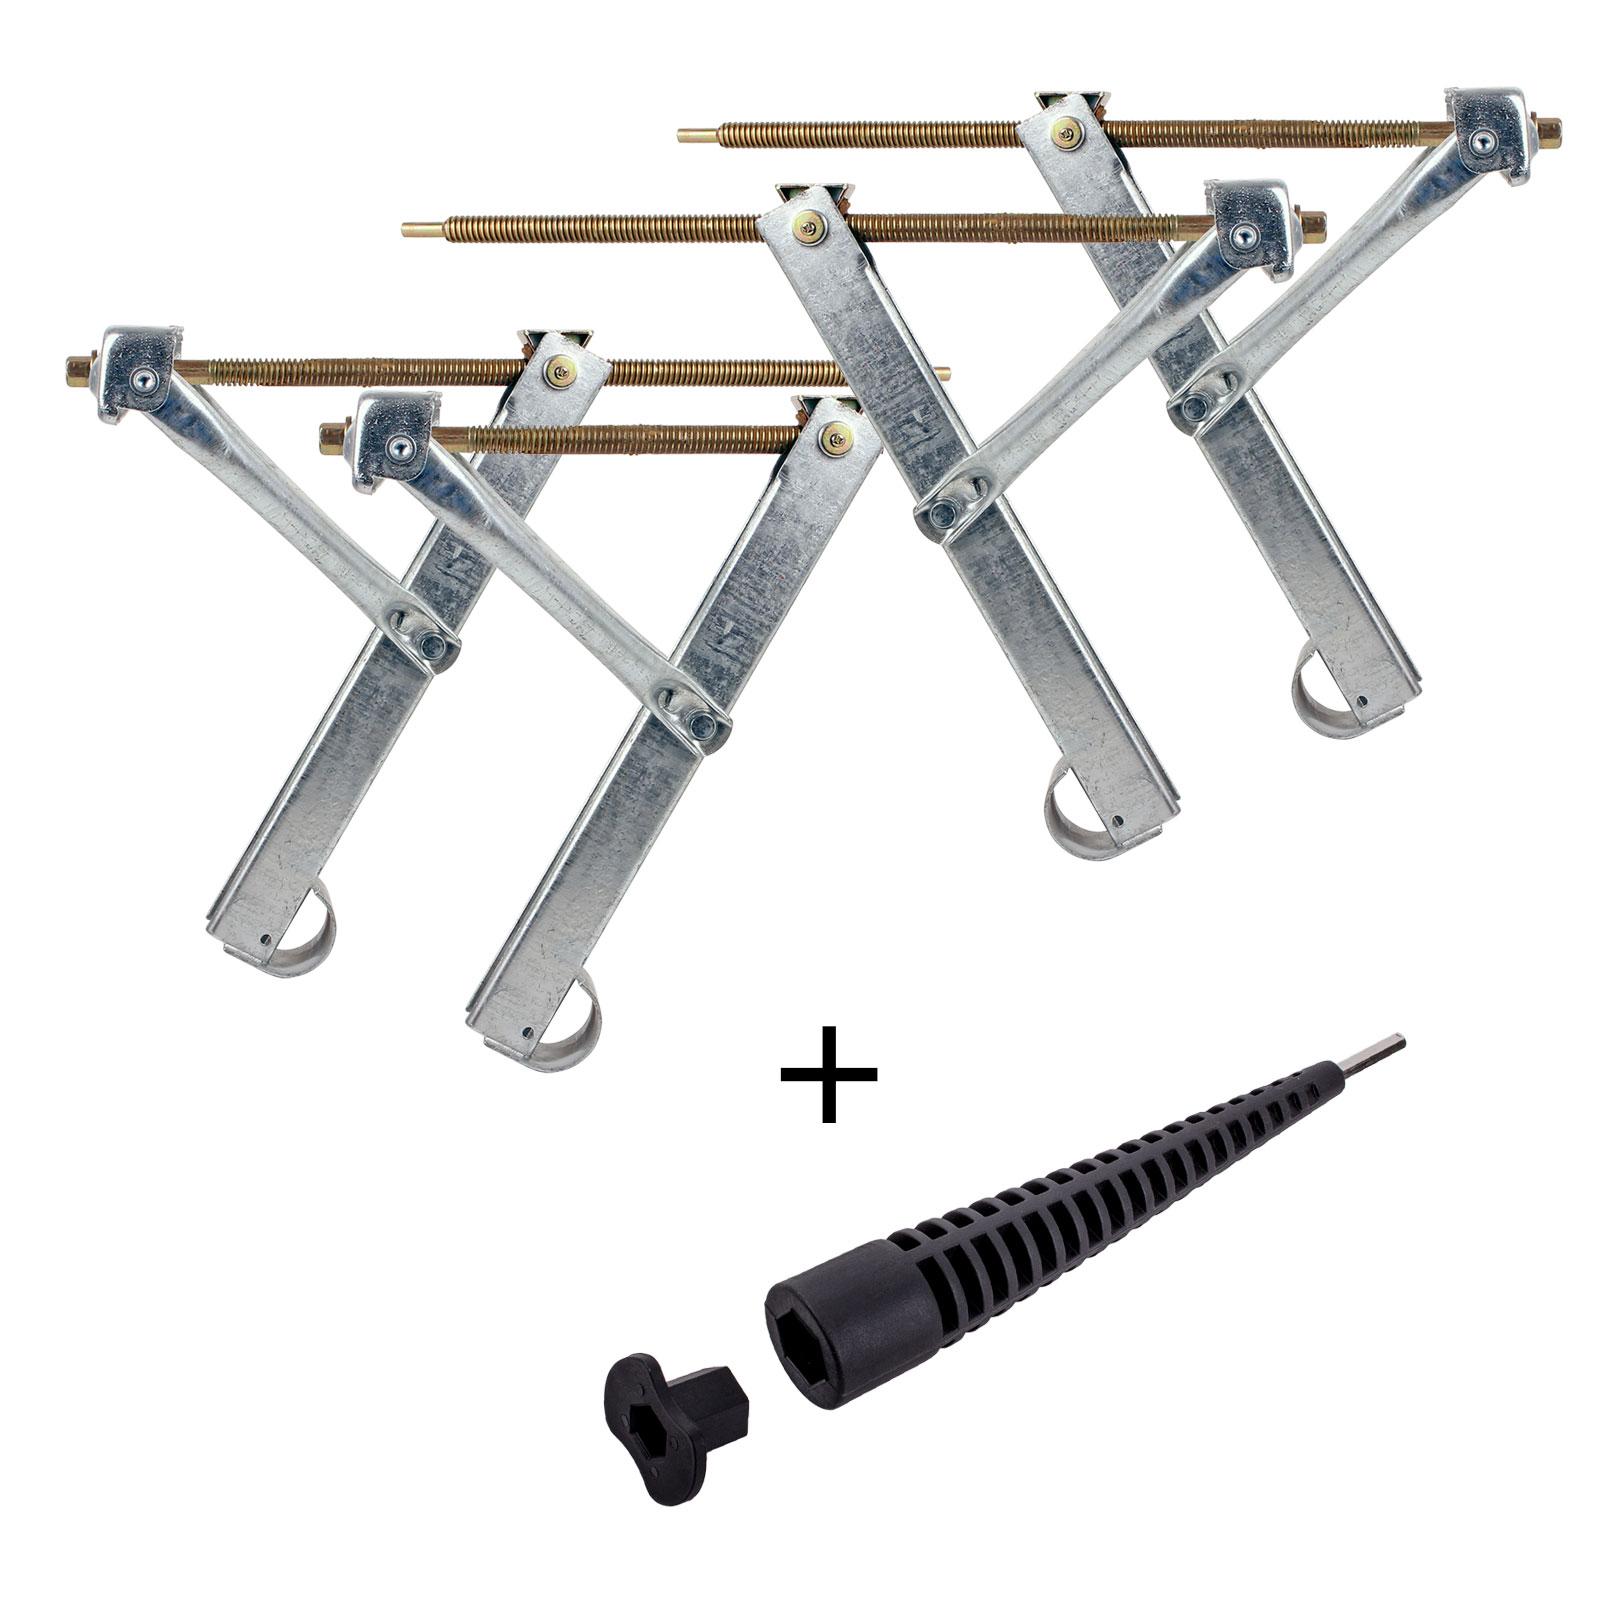 Ausdrehstütze Set 4 Stück Traglast 500 Kg + Akkuschrauberaufsatz 13/19 mm